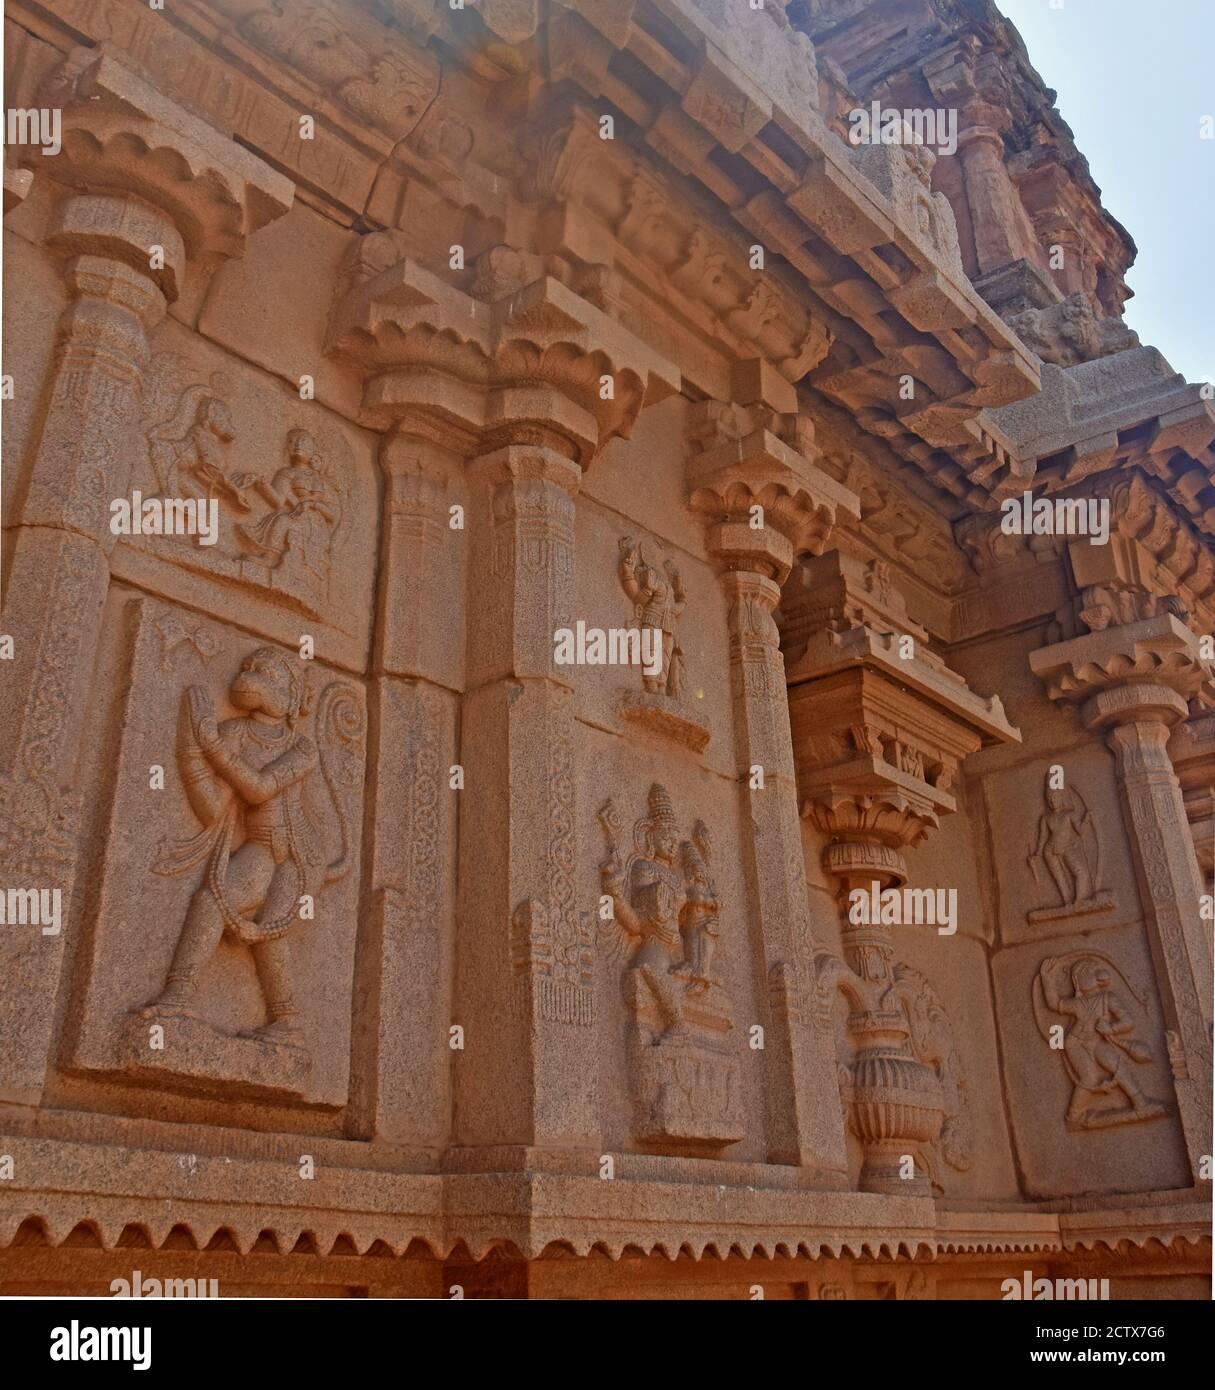 Detalles del templo Hazara Rama entre las ruinas de Hampi del imperio Vijayanagara del siglo XIV en Hampi, Karnataka, India. Patrimonio de la Humanidad de la UNESCO Sit Foto de stock